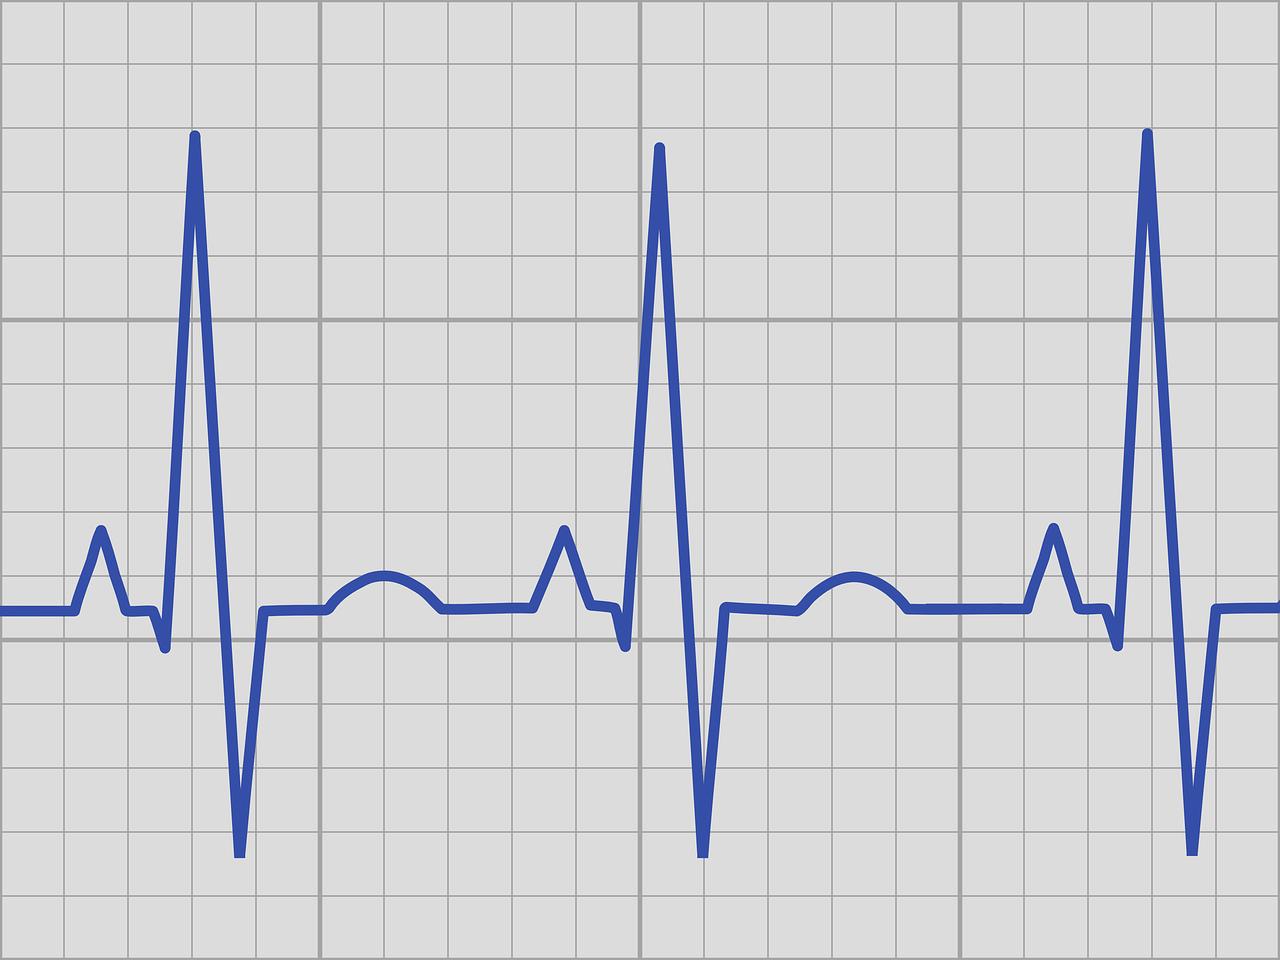 картинка кардиограмма большого размера